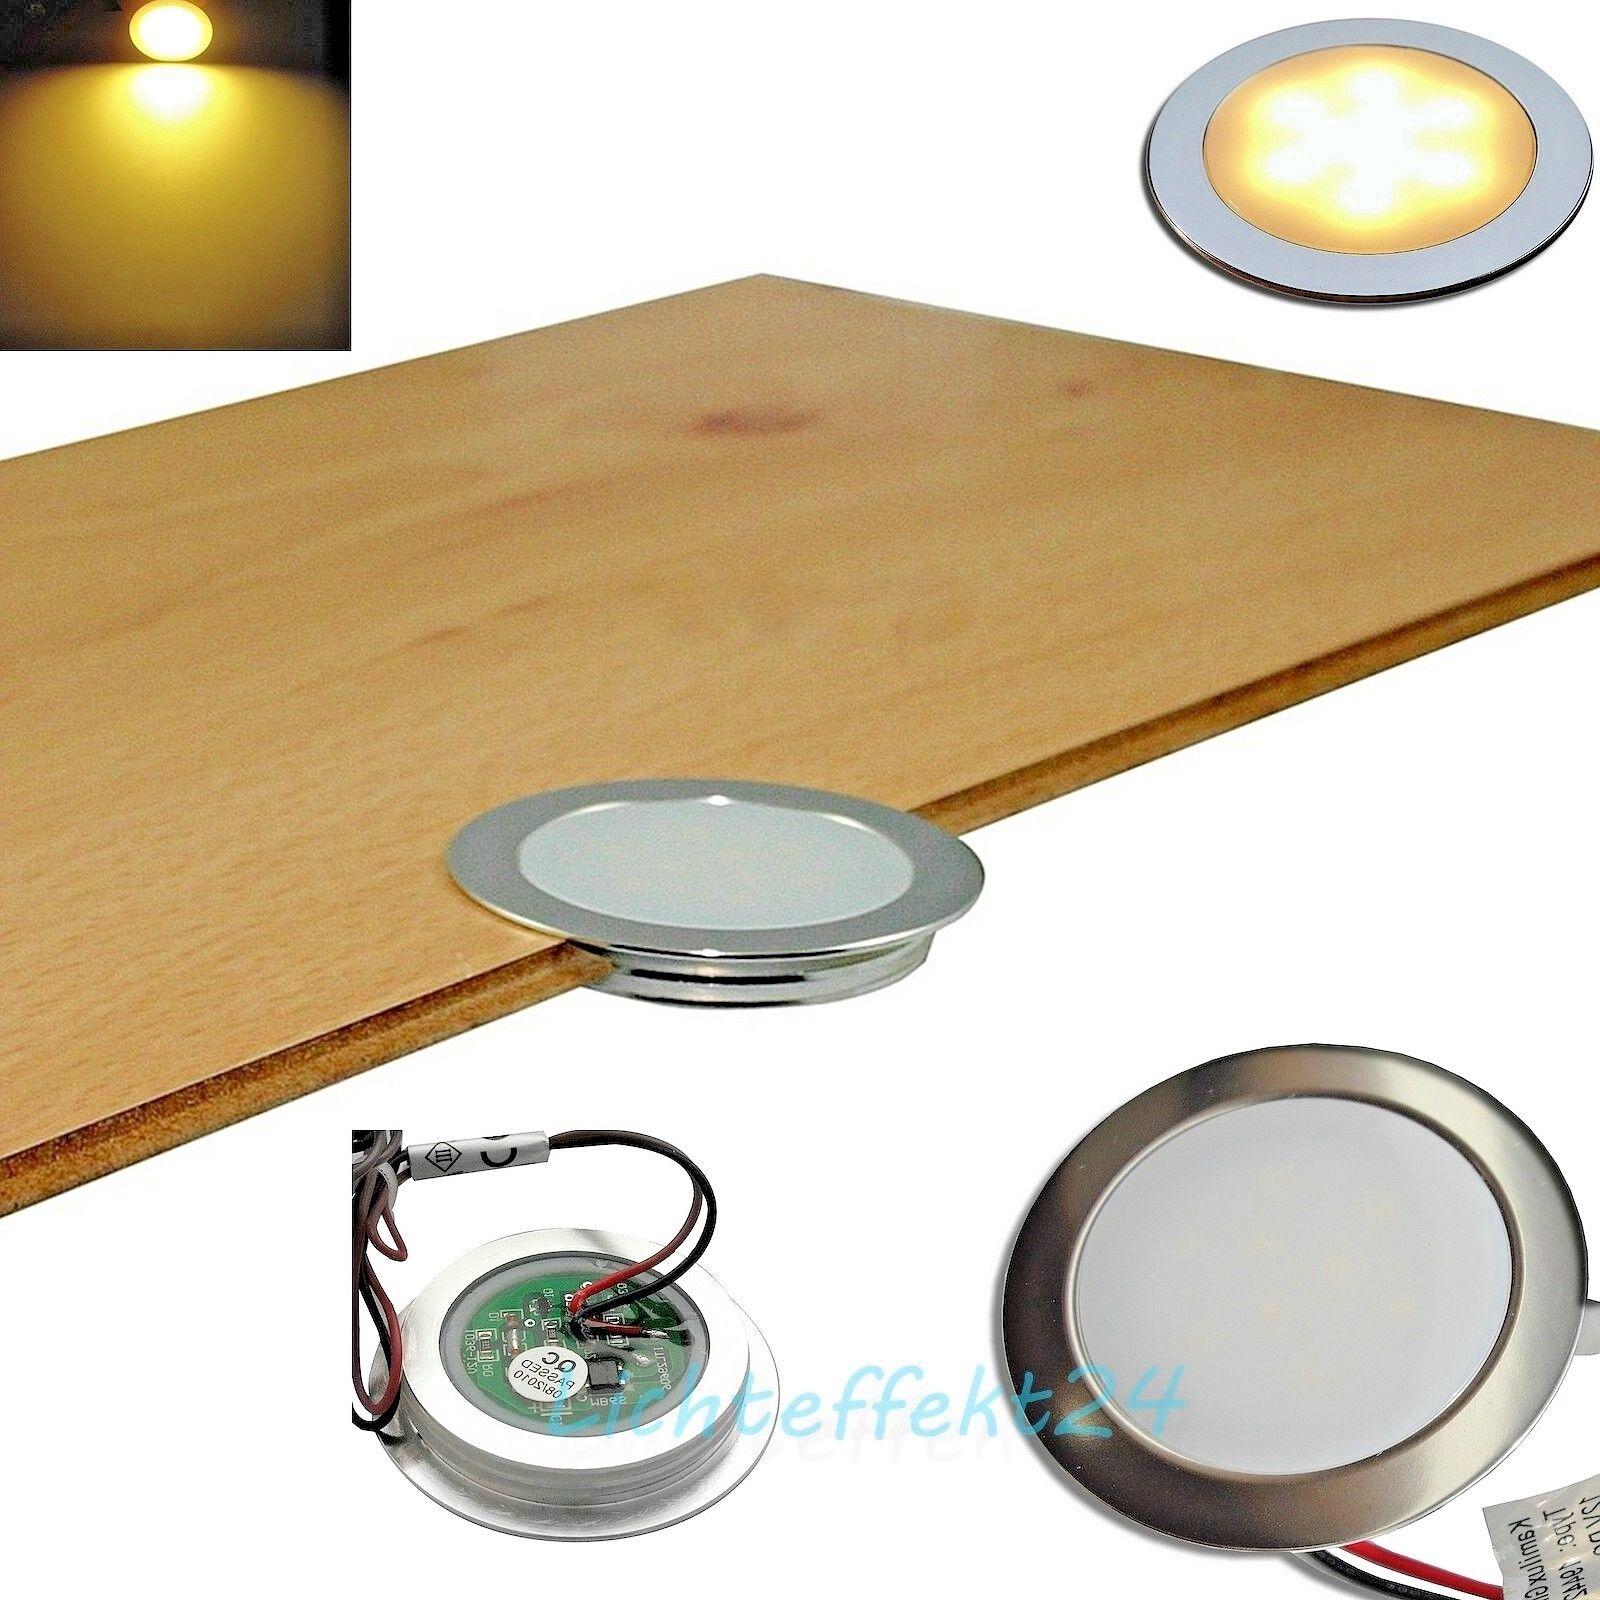 1- 10er Sets extra flache LED Spotstrahler 12V IP67 Feuchtraum Boden Fliesen Bad     | Louis, ausführlich  | Elegante Form  | Guter weltweiter Ruf